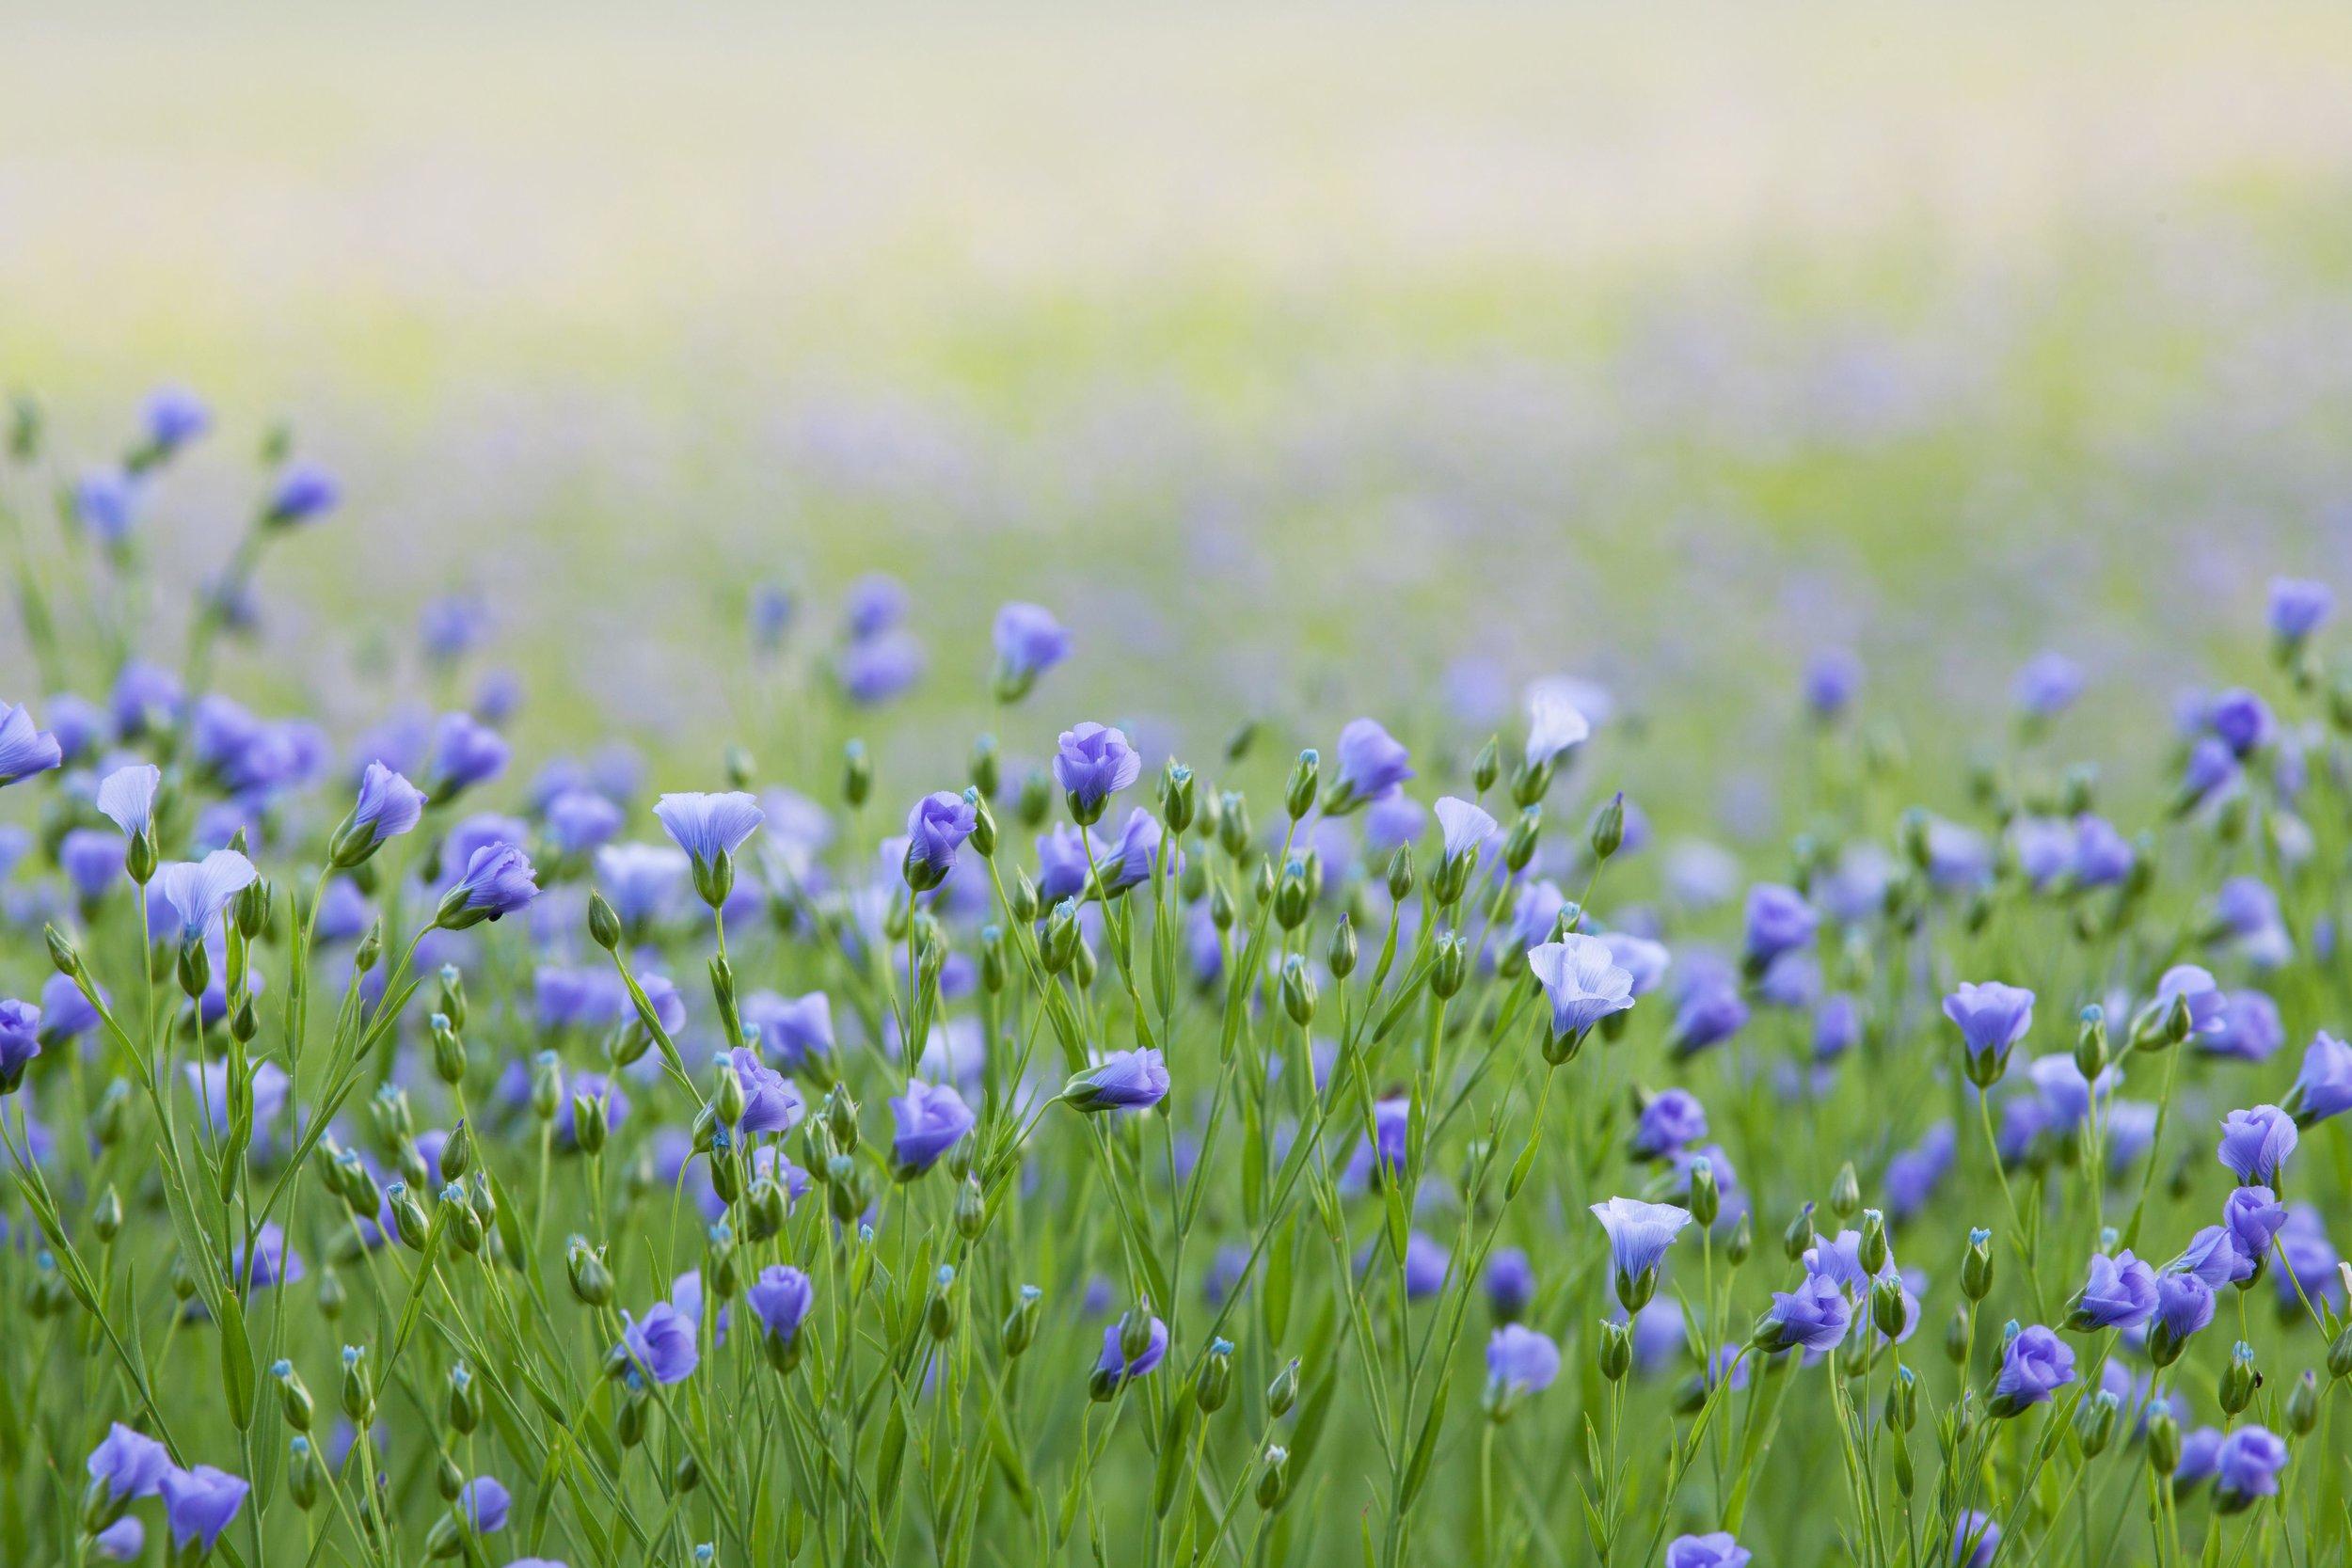 Flax Flowers in Bloom (2).jpg